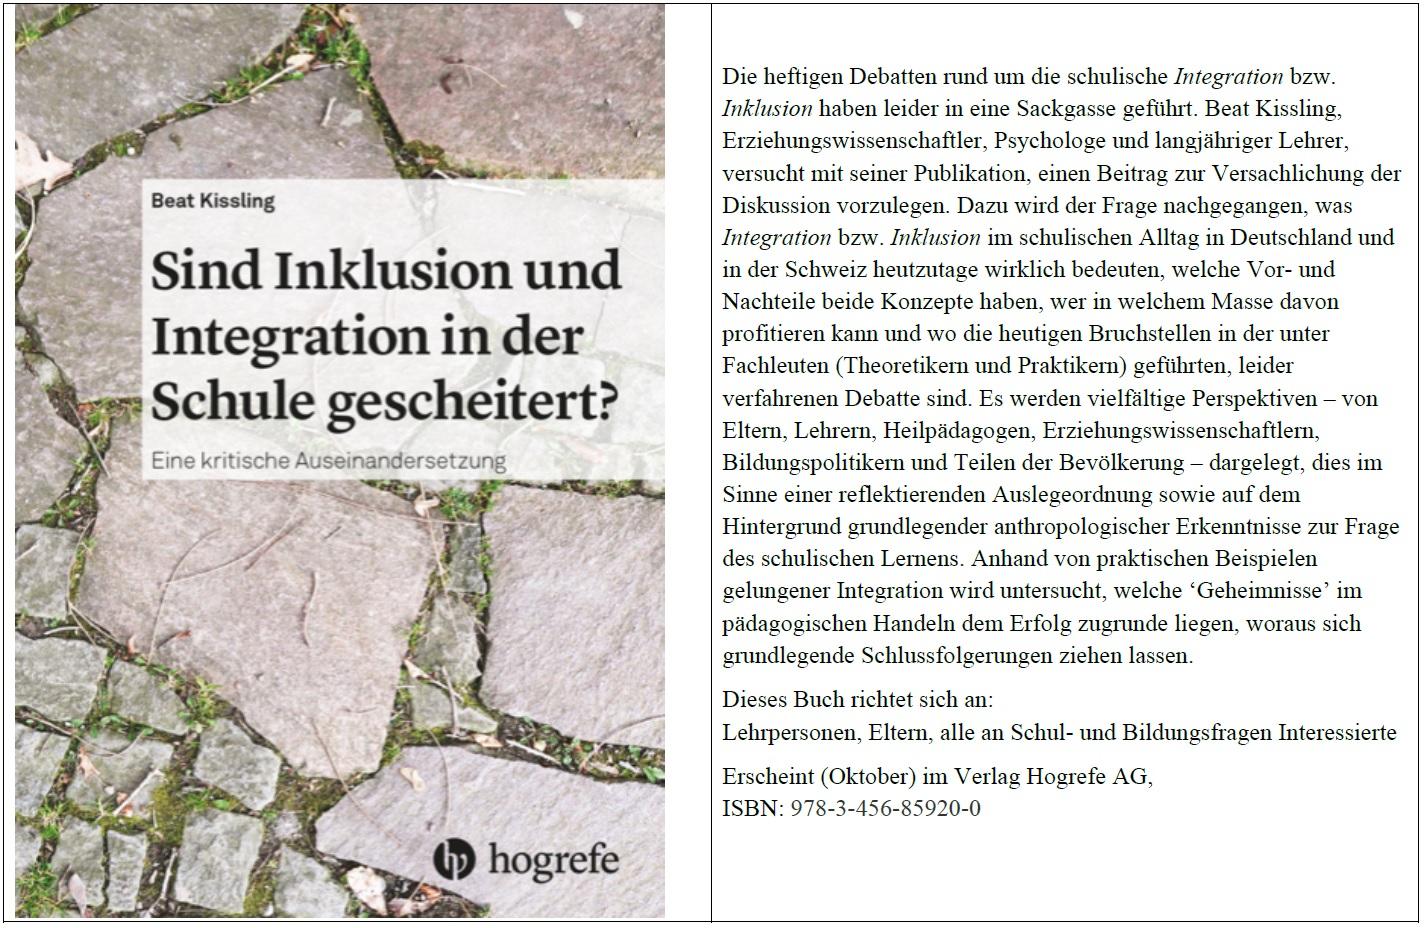 Hinweis auf eine Neuerscheinung: Sind Inklusion und Integration in der Schule gescheitert? Beat Kissling